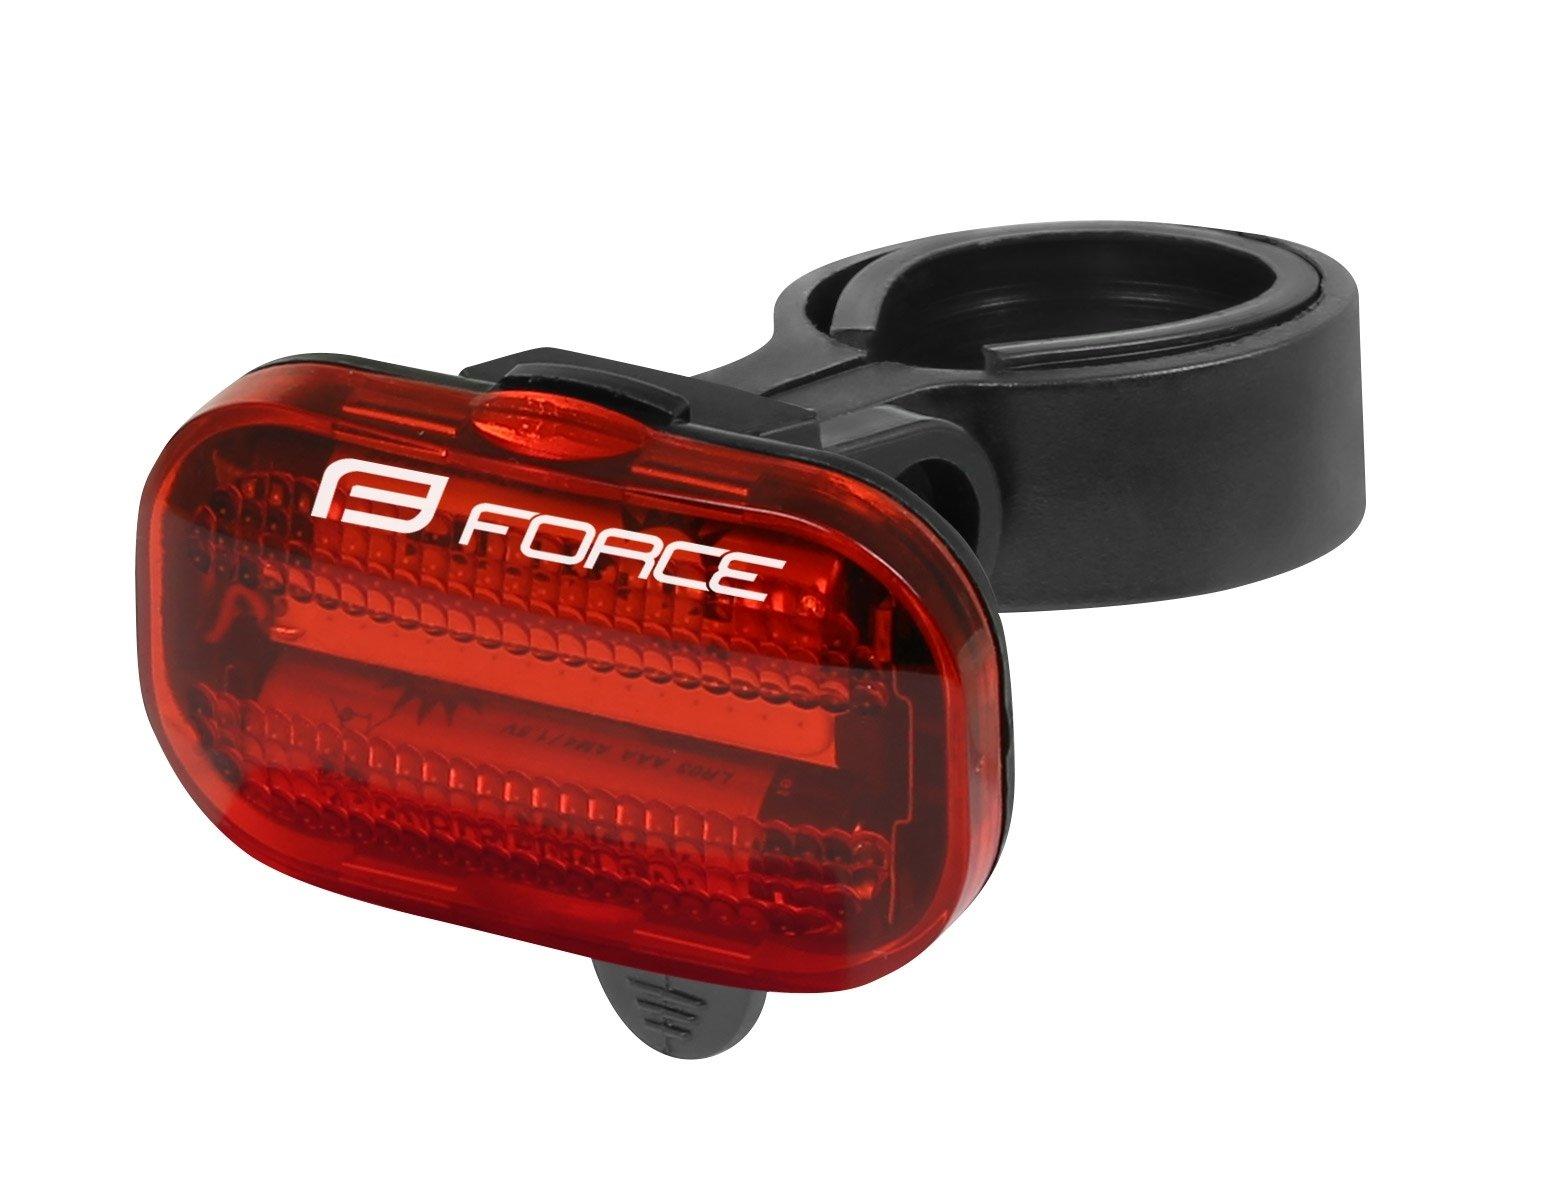 Force Cob Baglygte   Rear lights